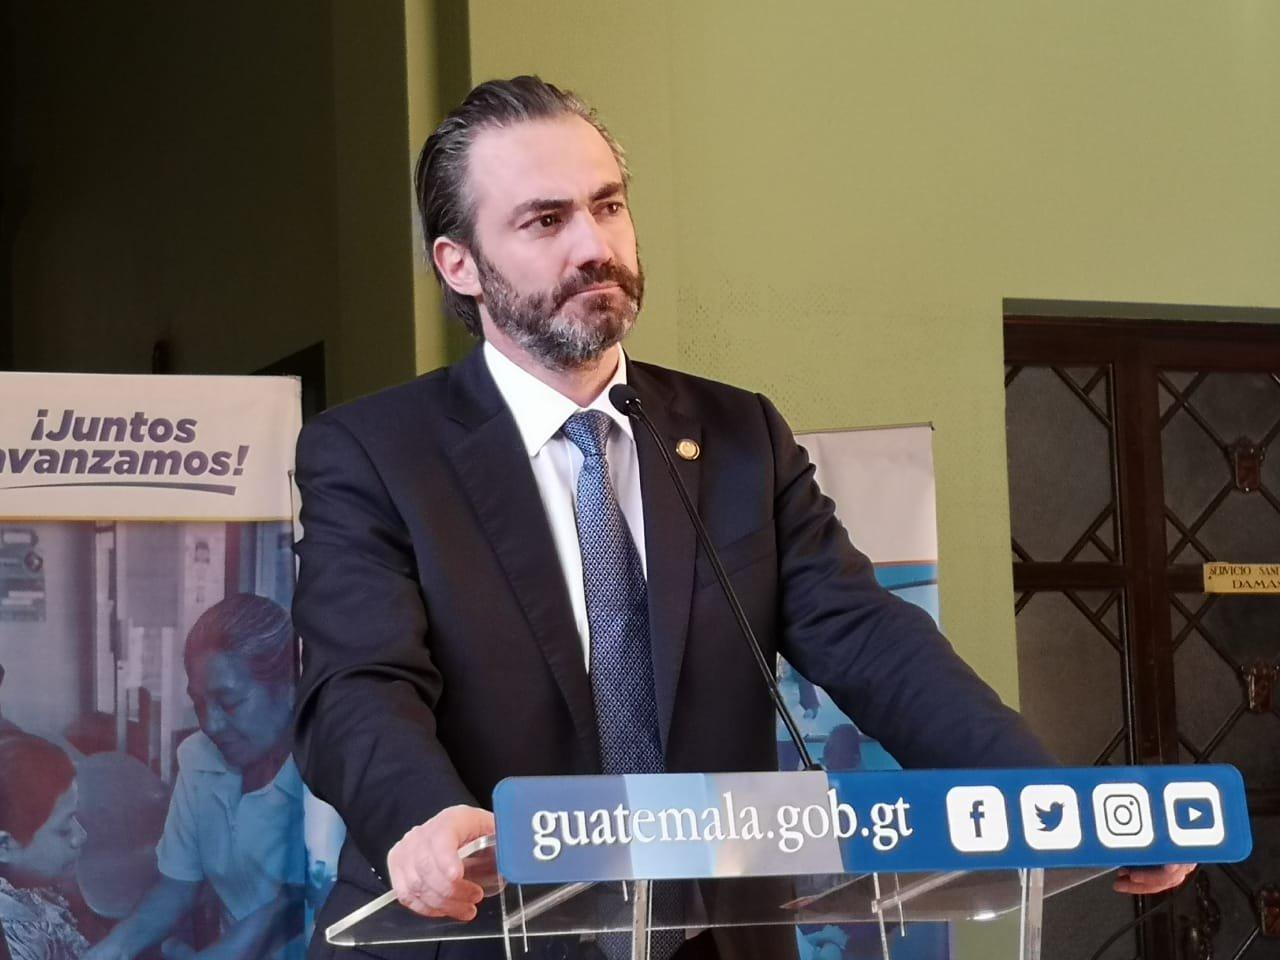 Acisclo Valladares Urruela